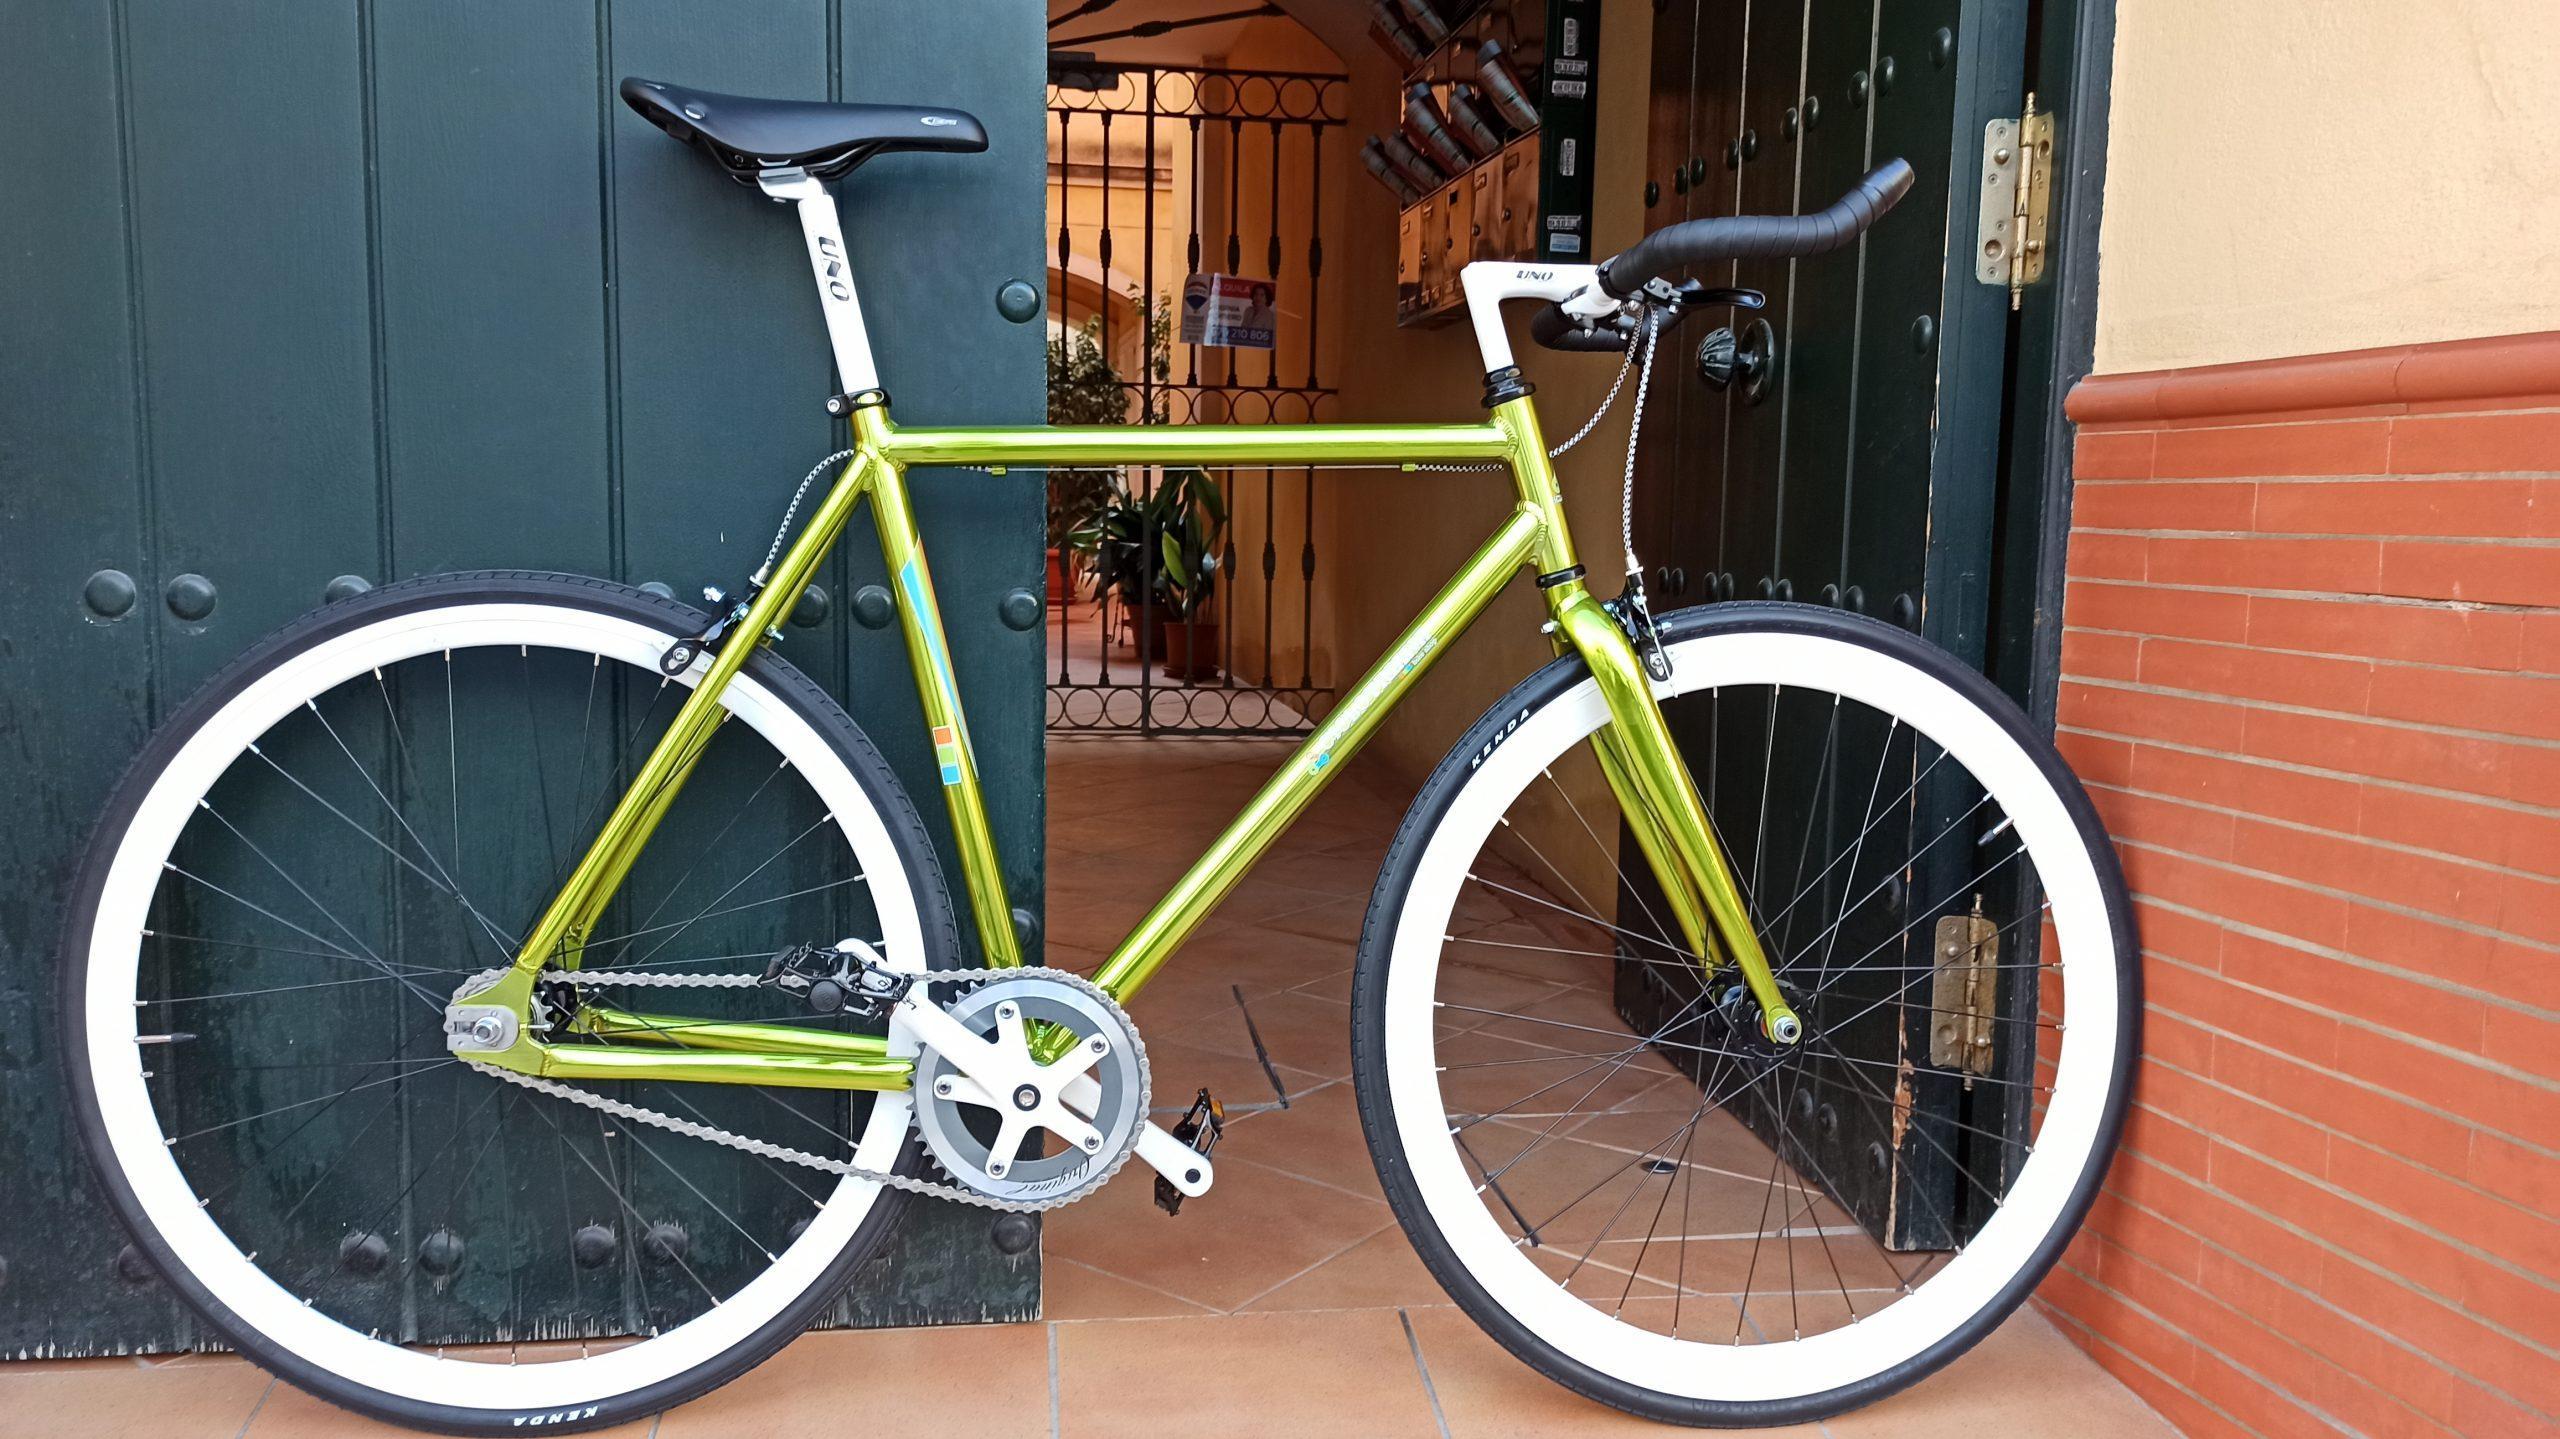 Single-speed verde y blanca aluminio